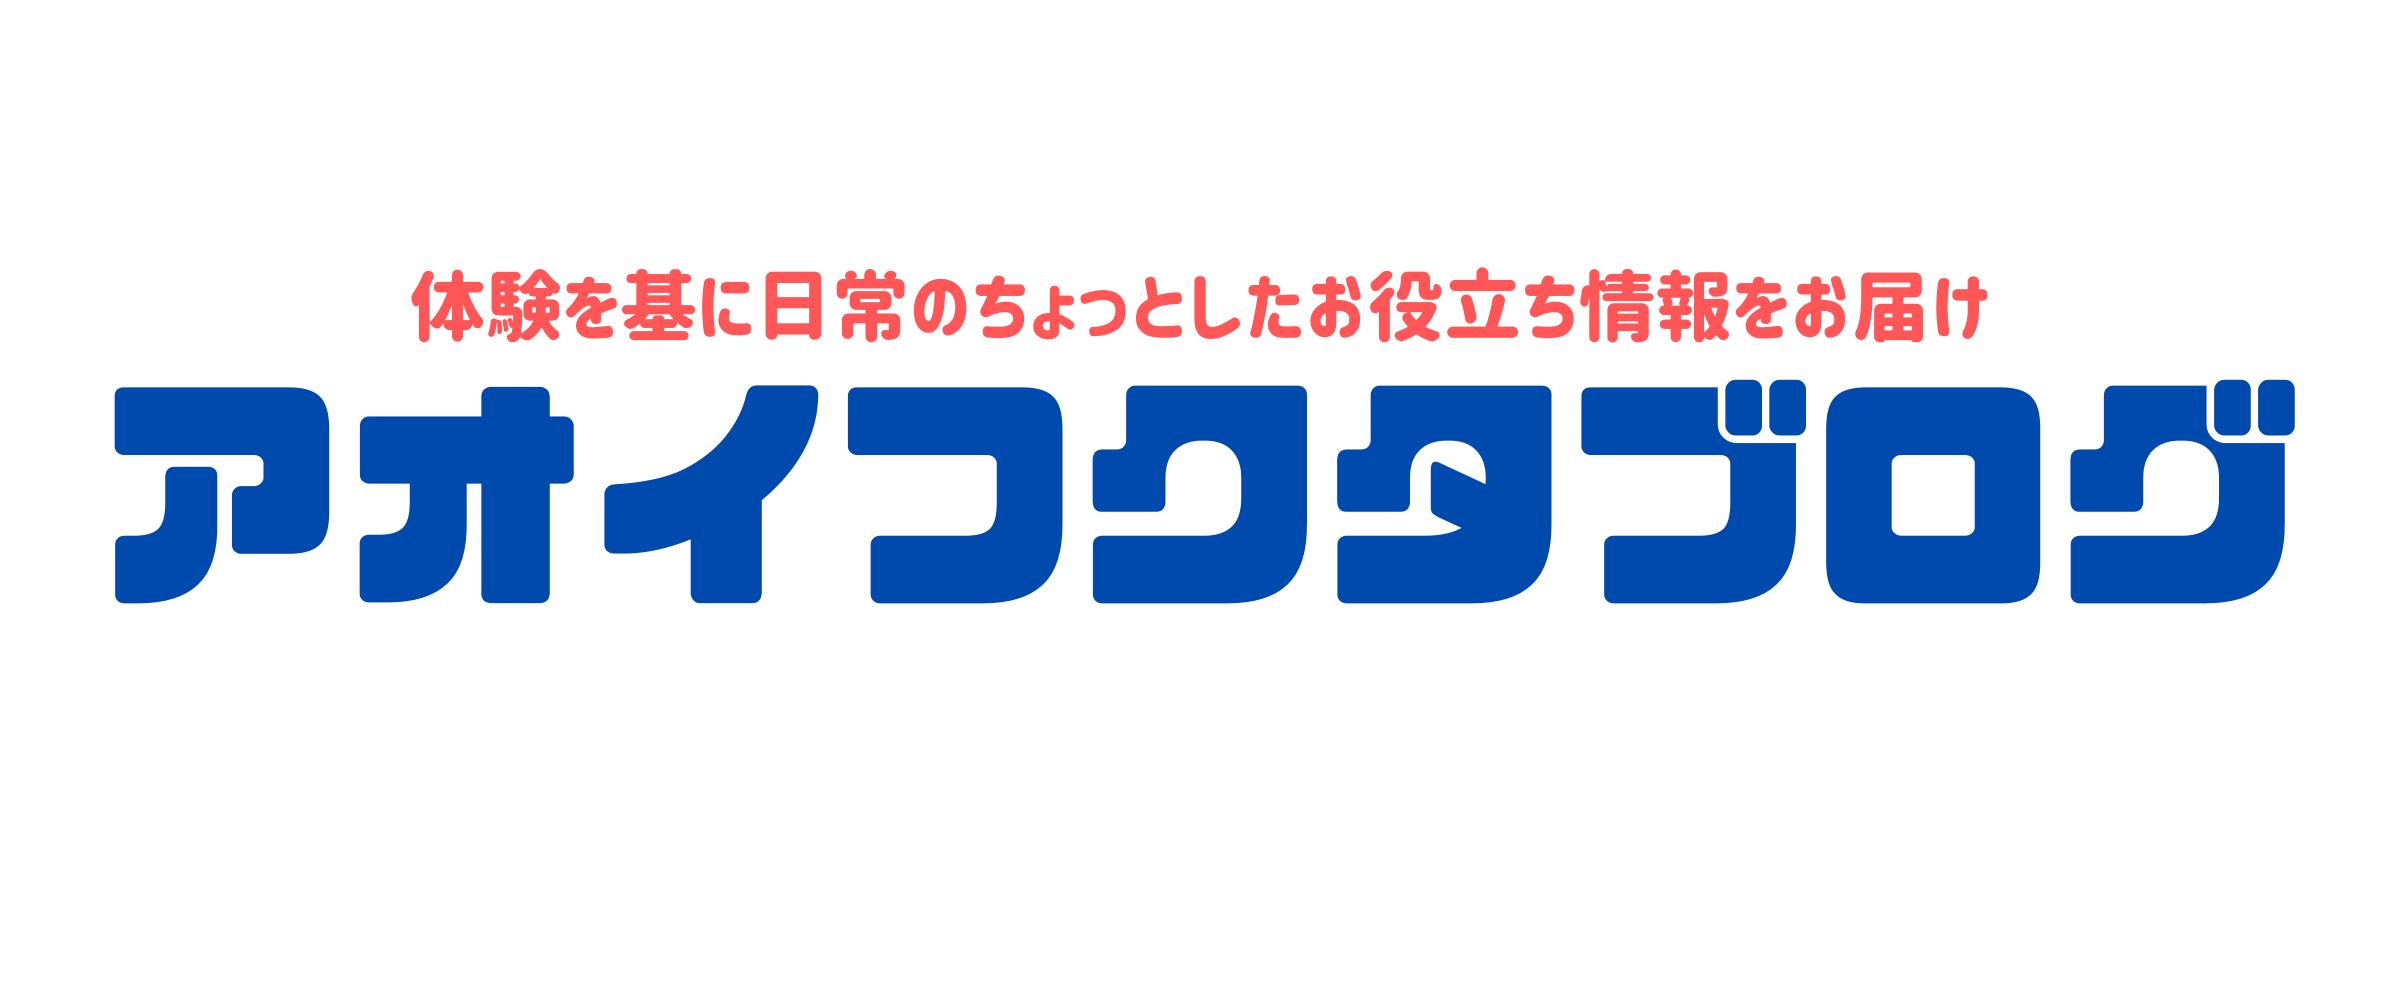 アオイフクタブログのロゴ画像